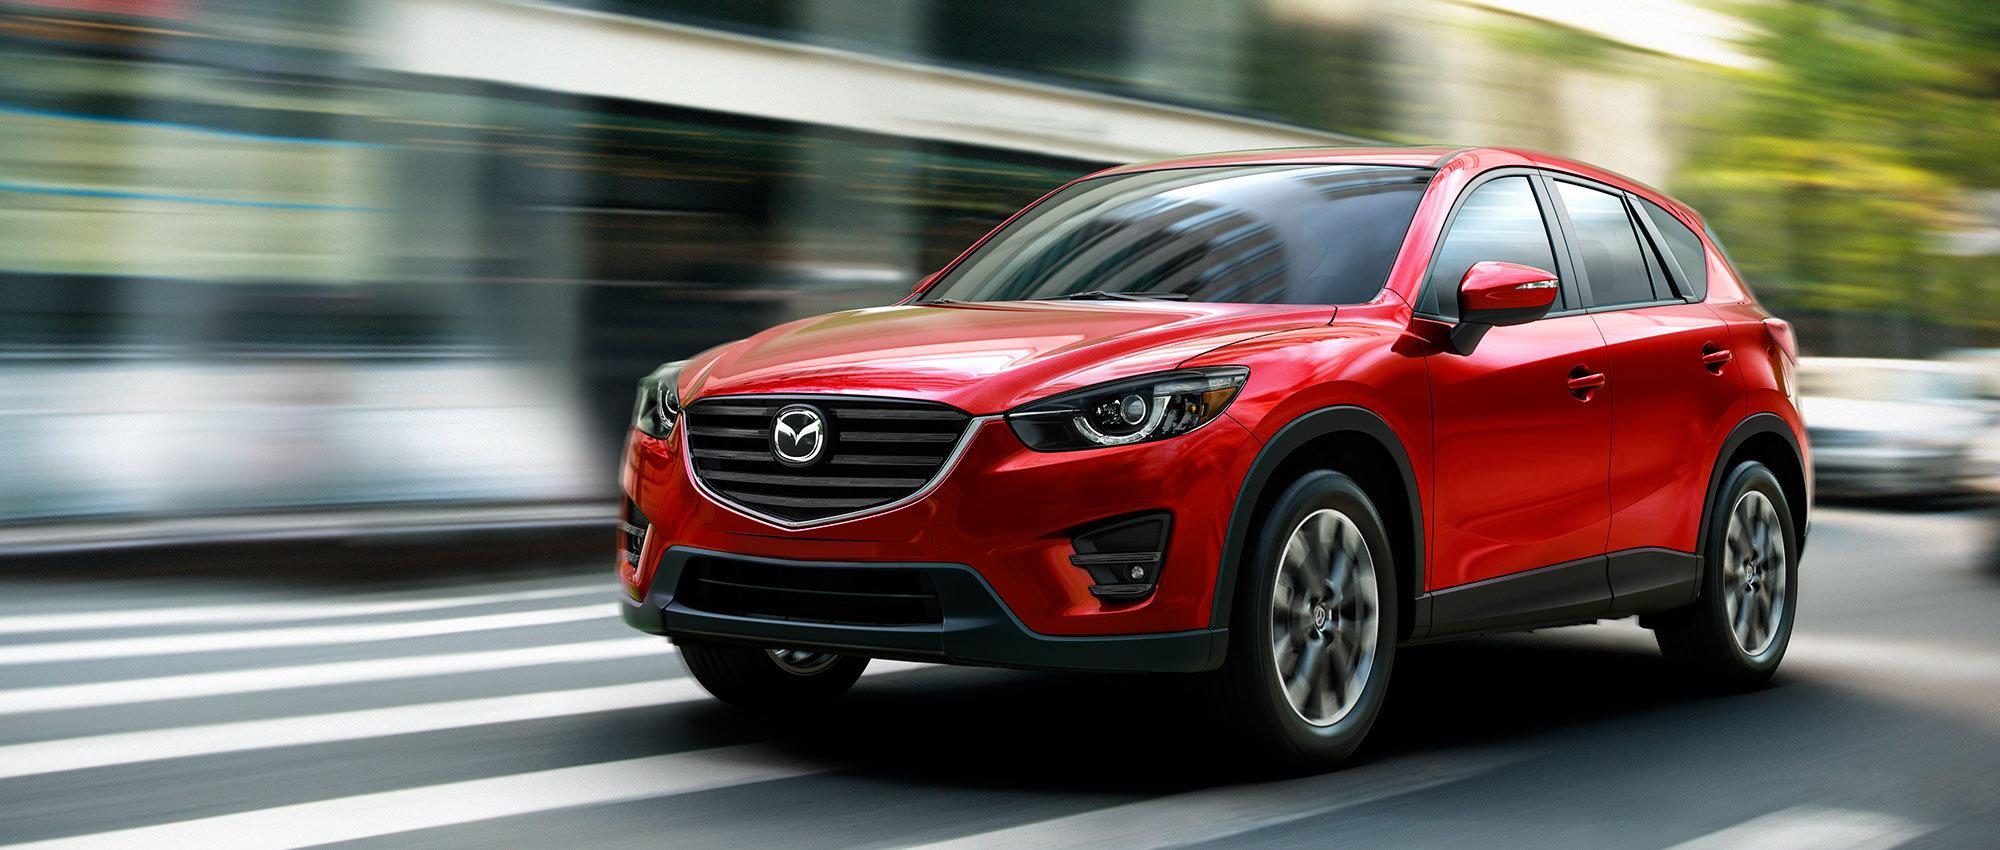 Mazda CX5 vs Honda CRV  Compare SUVs  Choose New CX5